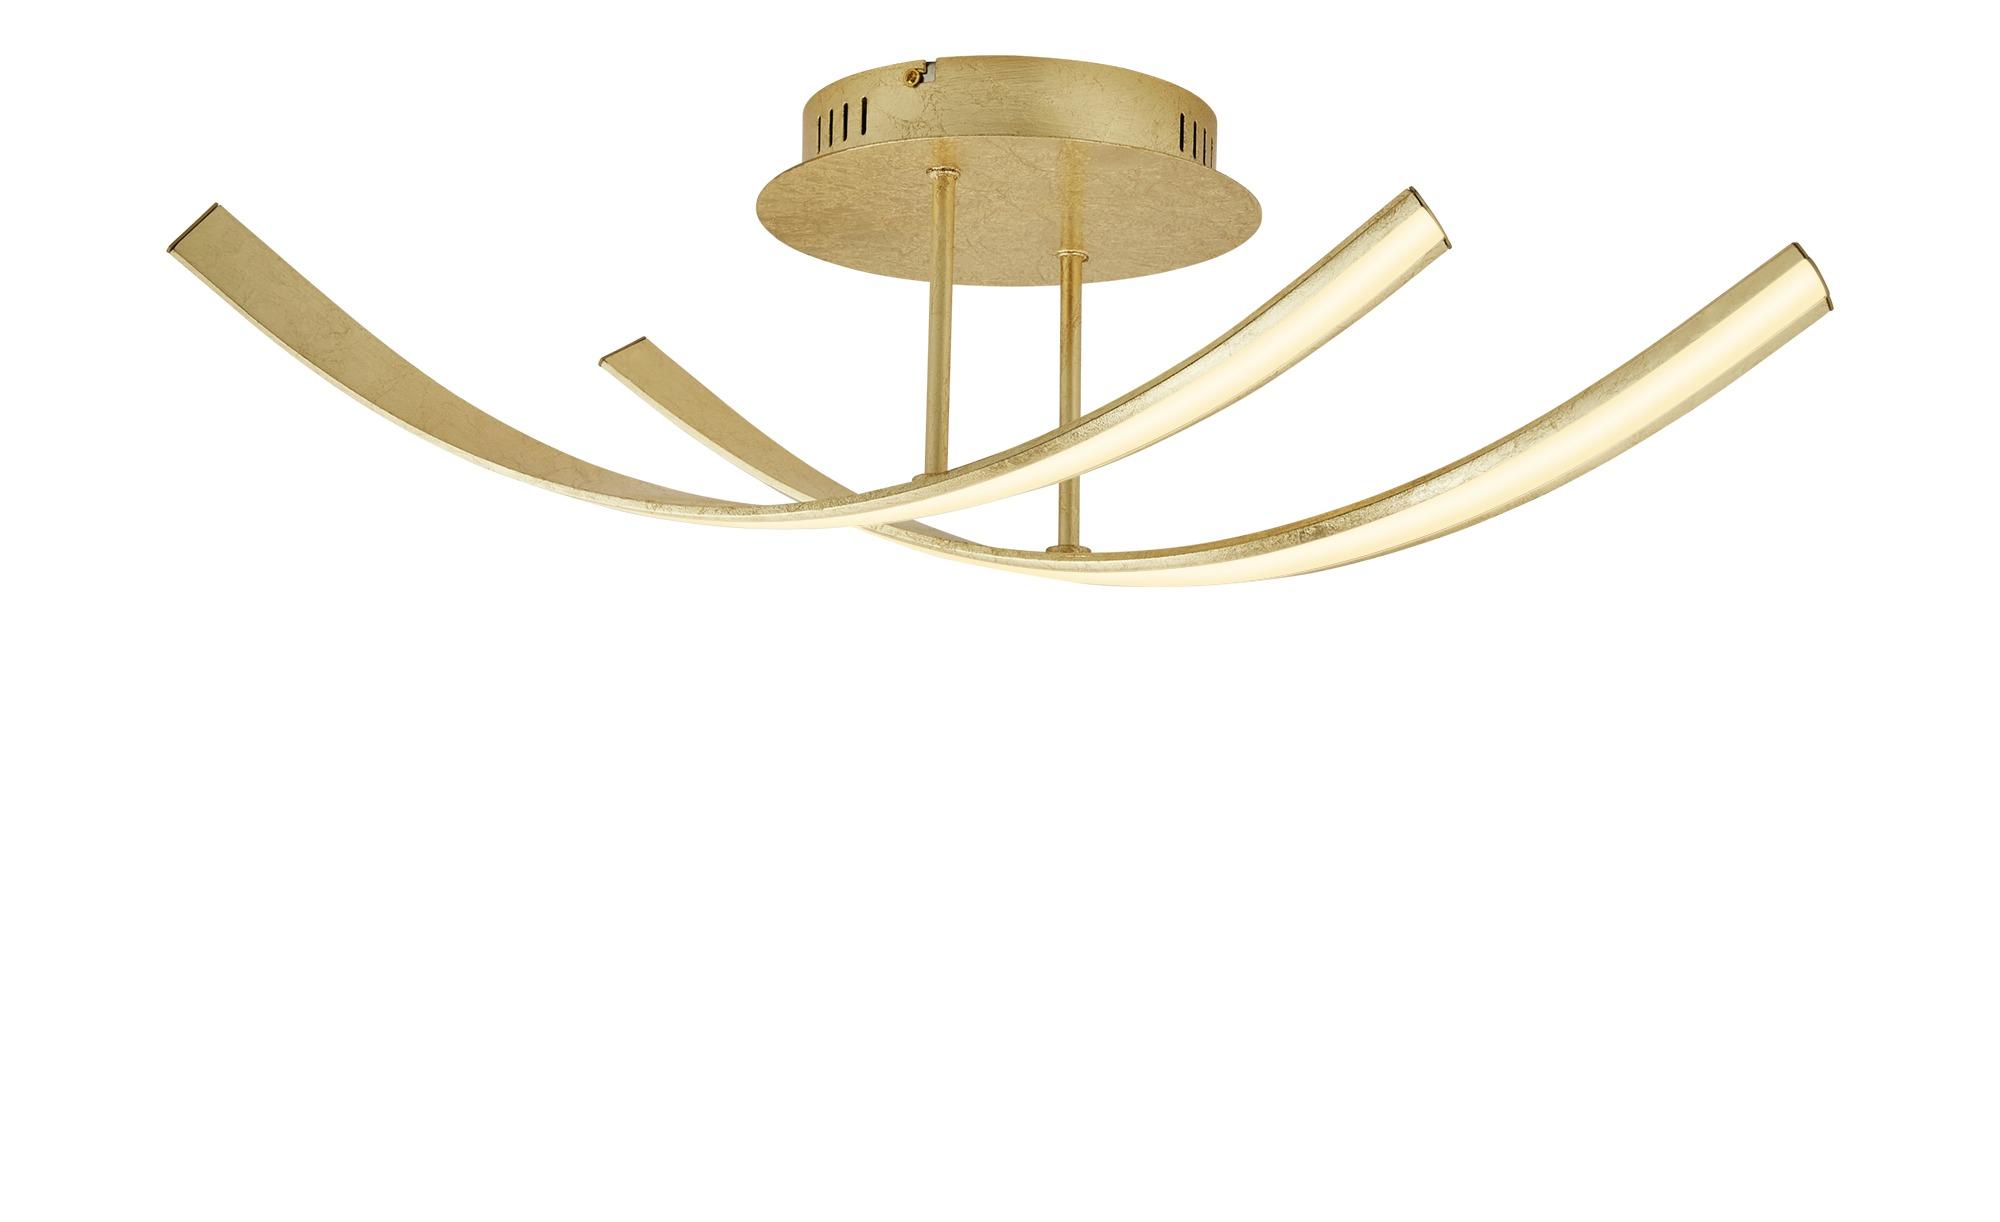 Paul Neuhaus LED-Deckenleuchte, 2-flammig, goldfarben ¦ gold ¦ Maße (cm): B: 22 H: 20 Lampen & Leuchten > Innenleuchten > Deckenleuchten - Höffner